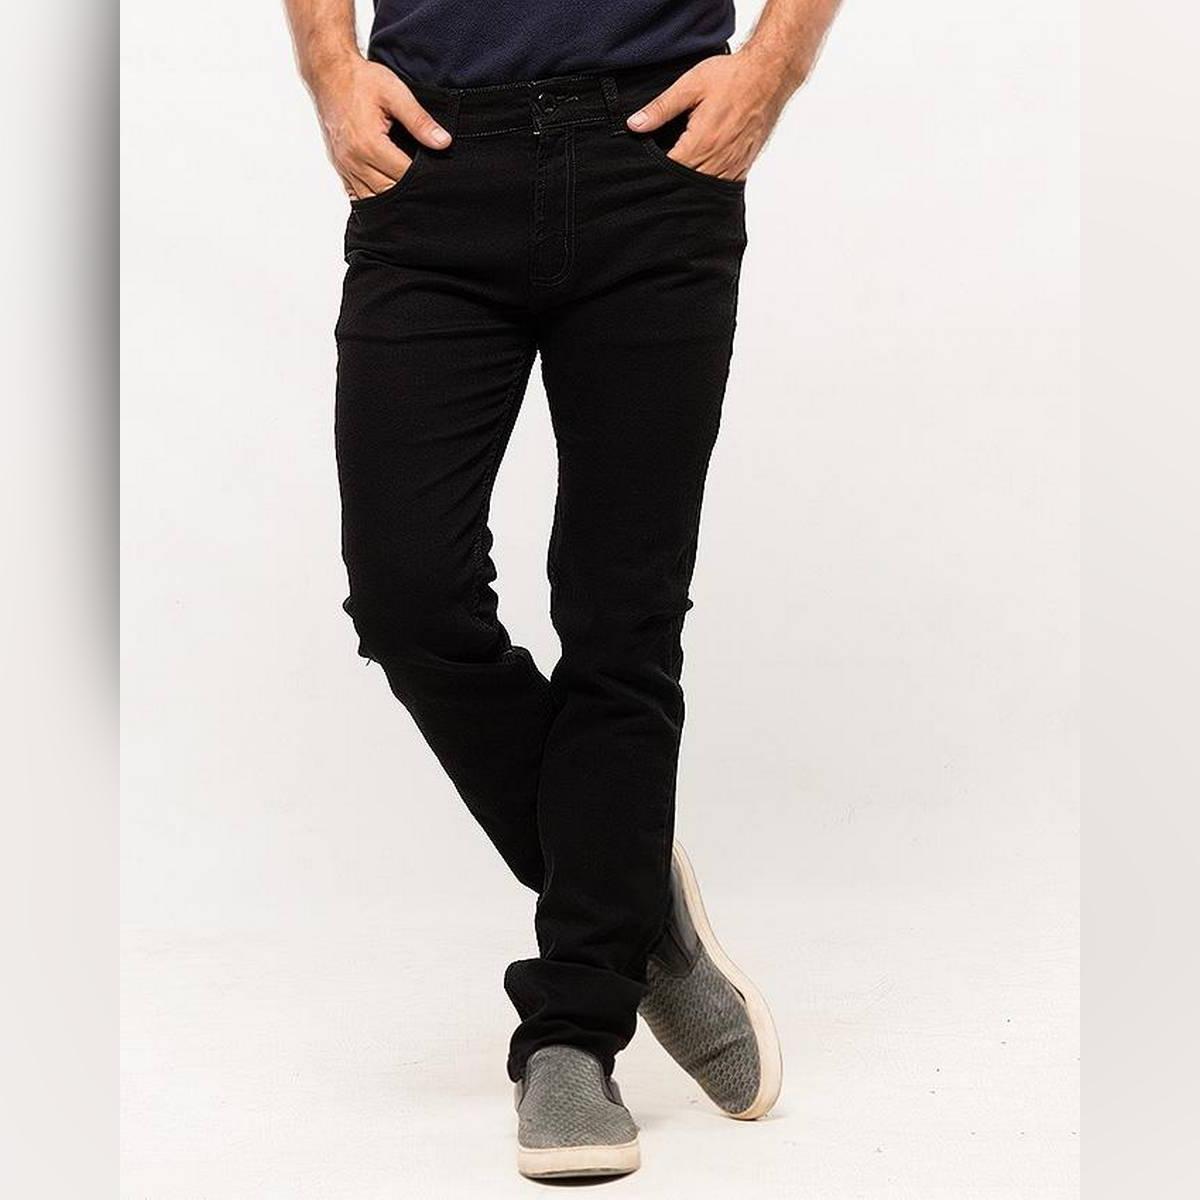 Oxford Black Plain Denim Jeans for Men